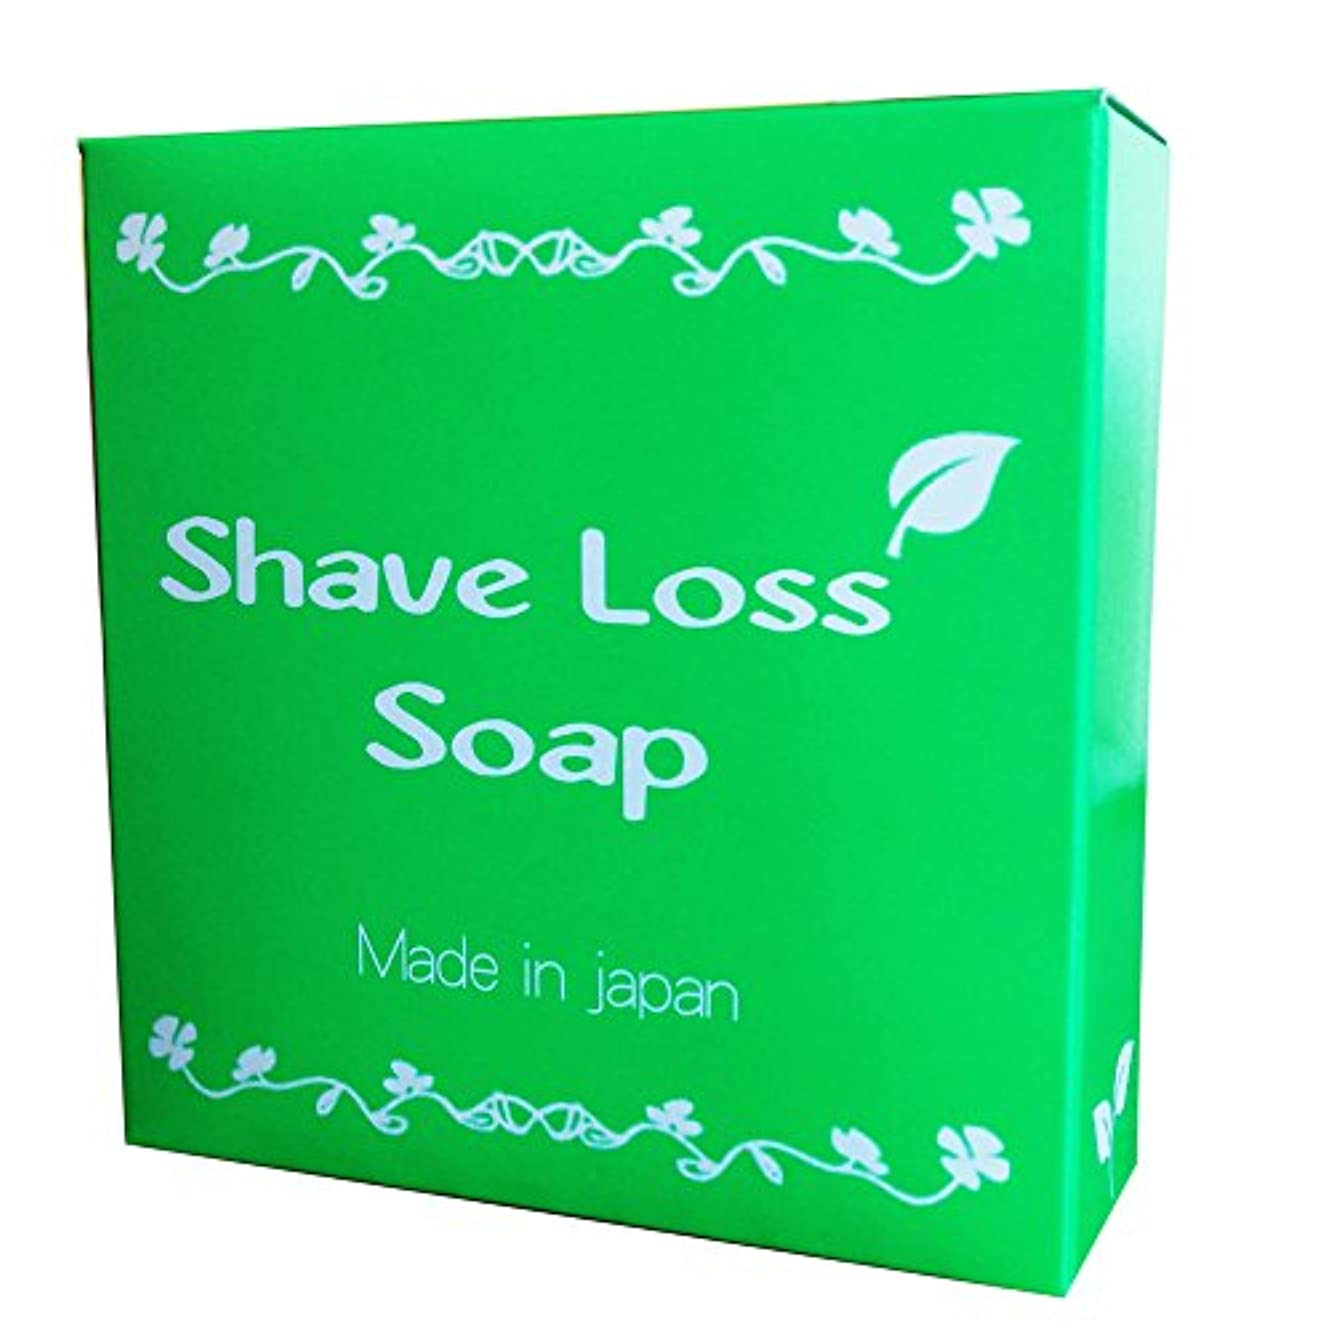 レンズ変位ボートShave Loss Soap 女性のツルツルを叶える 奇跡の石鹸 80g (1個)